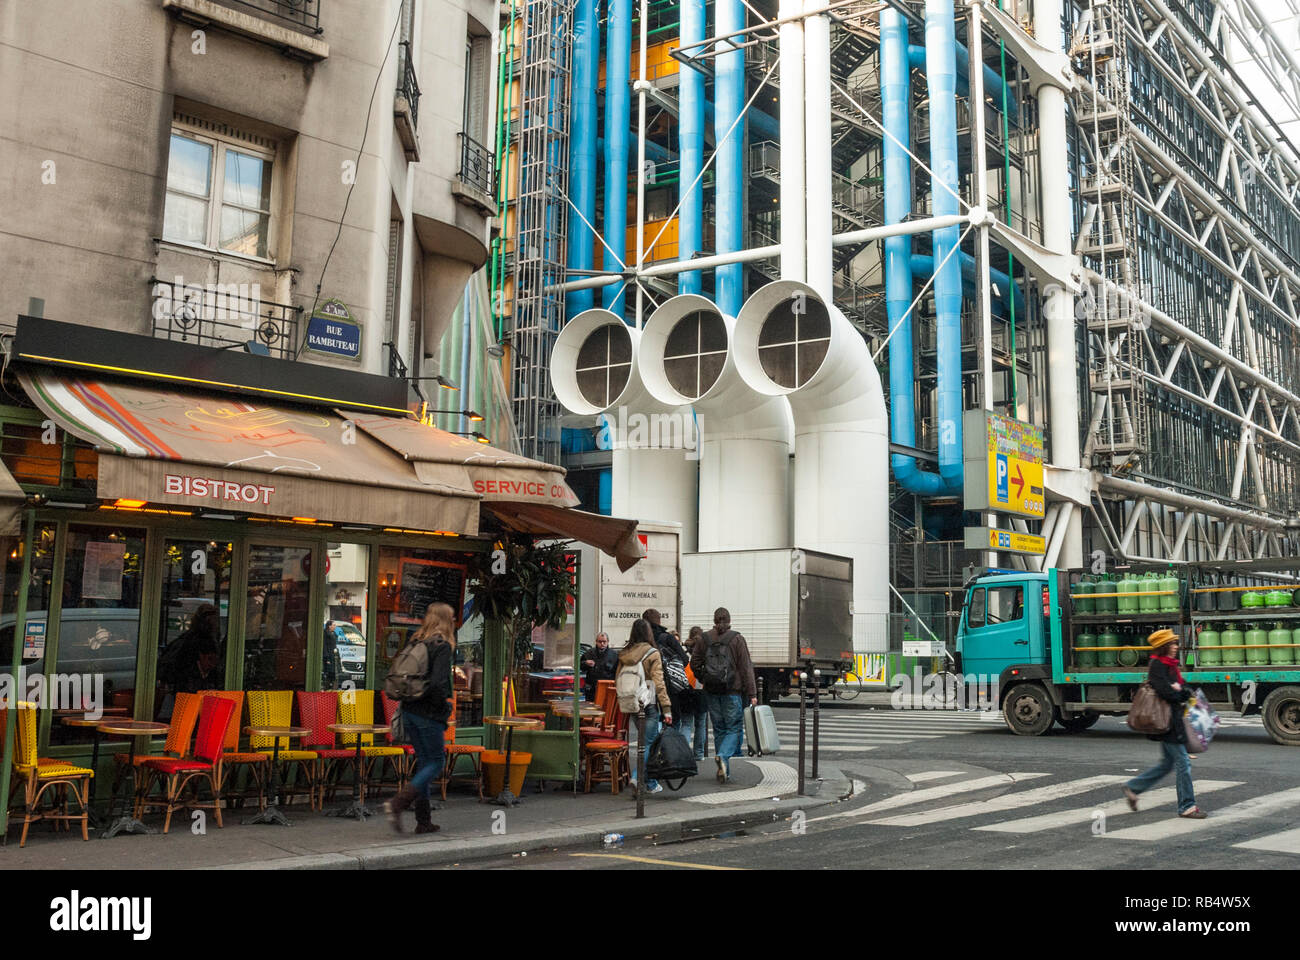 Escena de una calle de París, invierno, contrastando el viejo estilo de la arquitectura Parisina de un pequeño café junto a la arquitectura radical del Centro Pompidou. Foto de stock